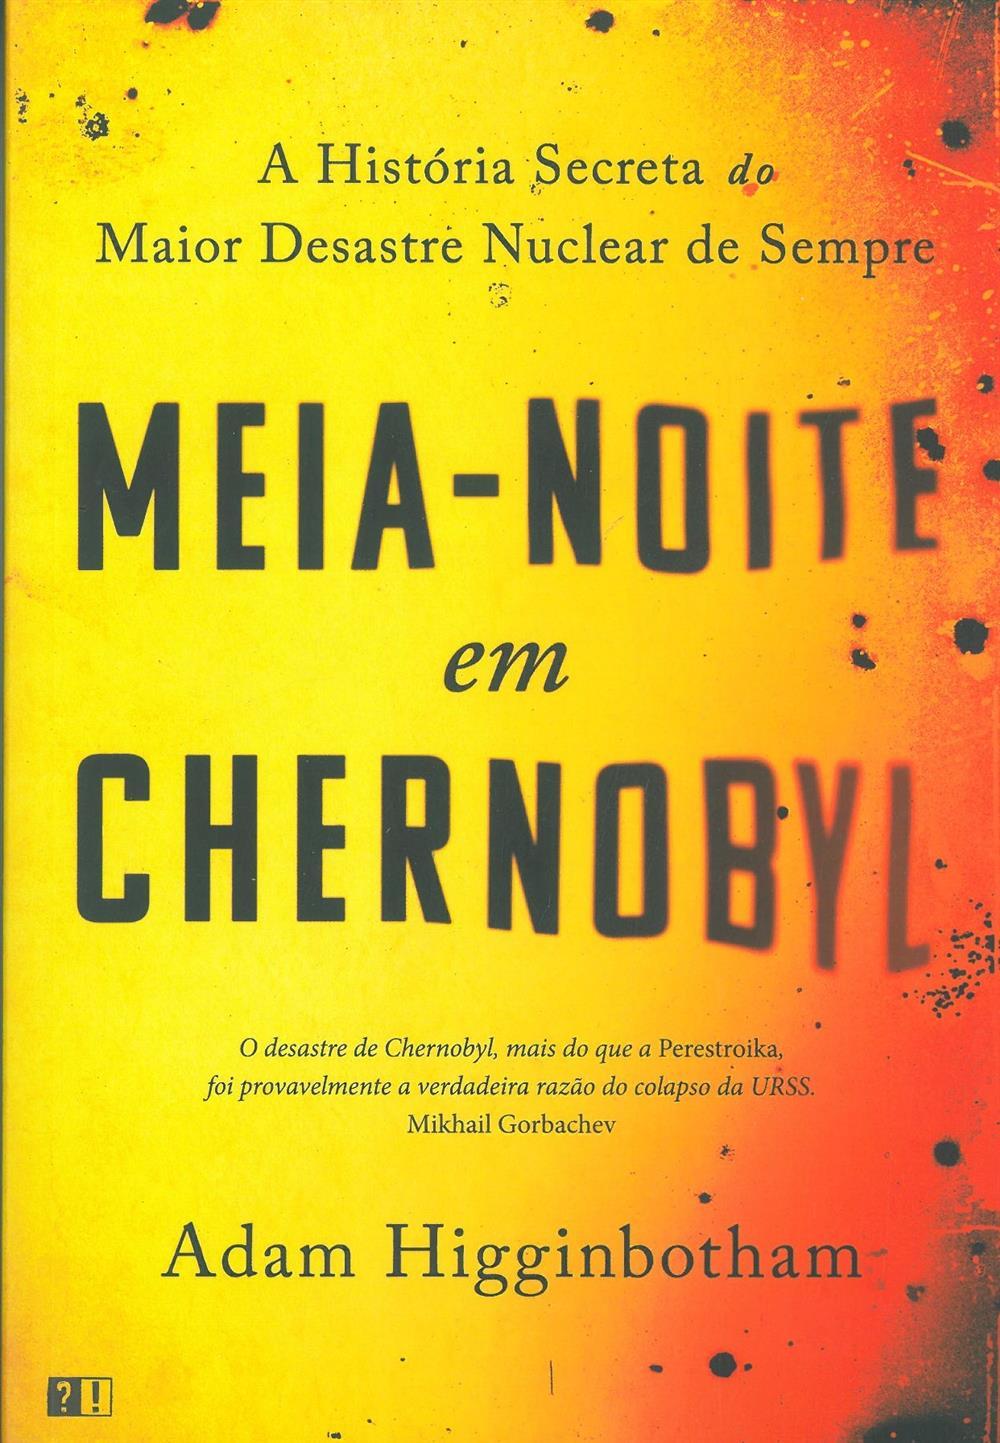 Meia-noite em Chernobyl.jpg